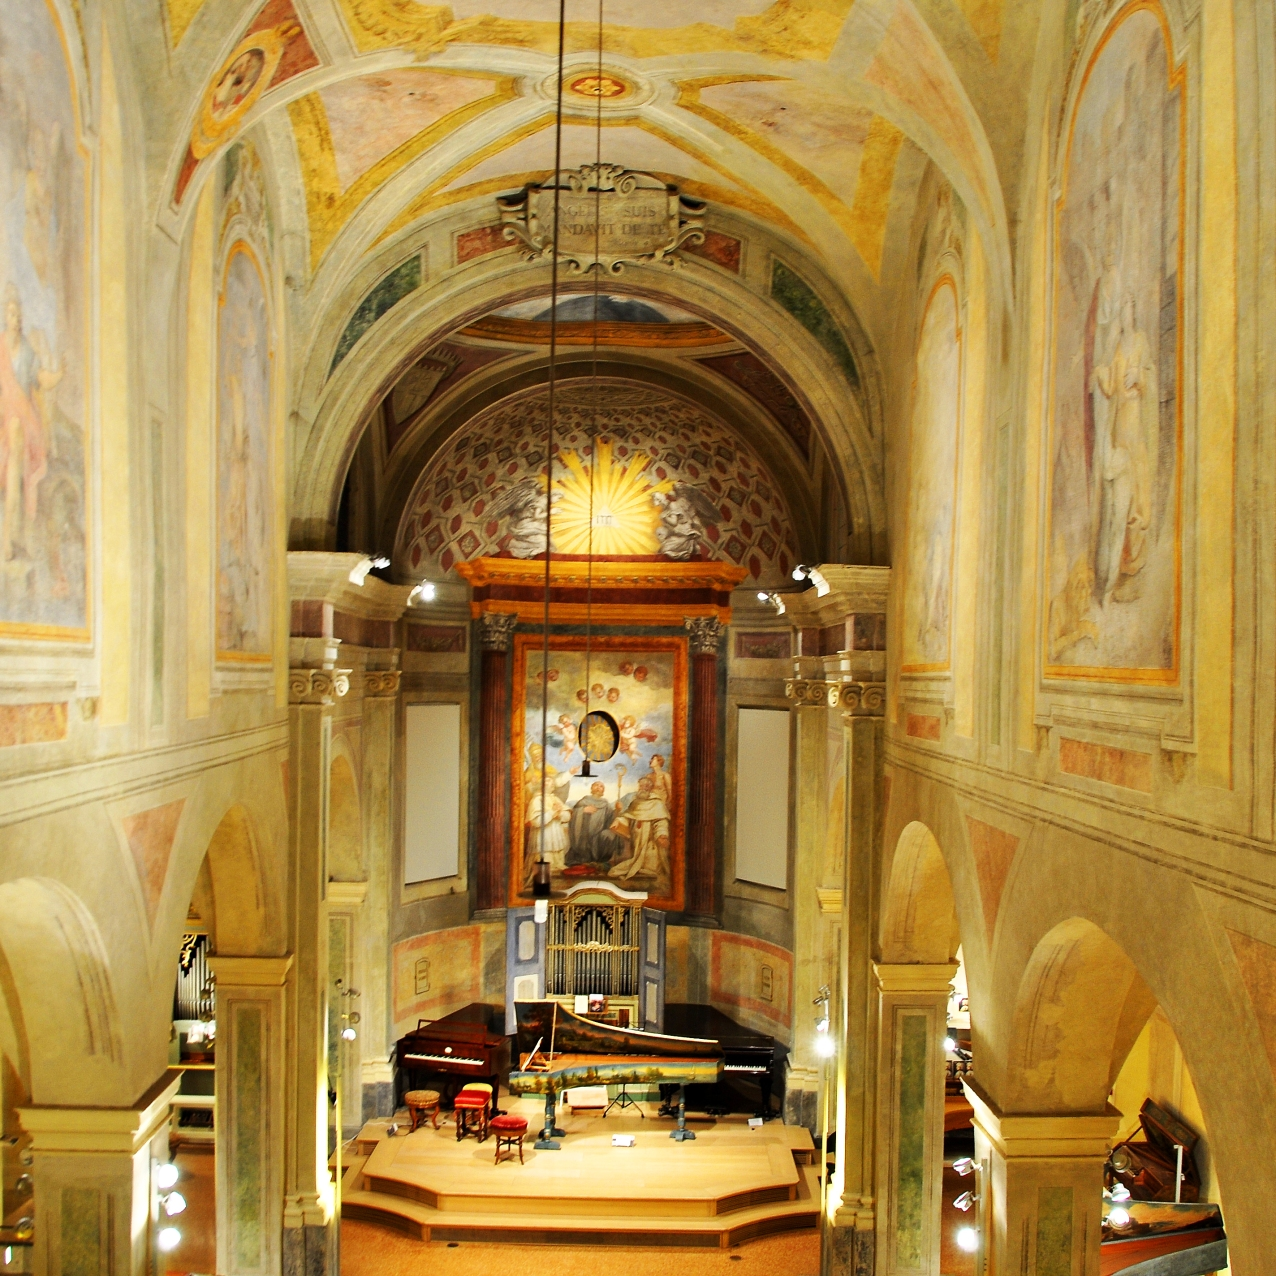 Recupero degli affreschi dopo una prolungata copertura di intonaco bianco.